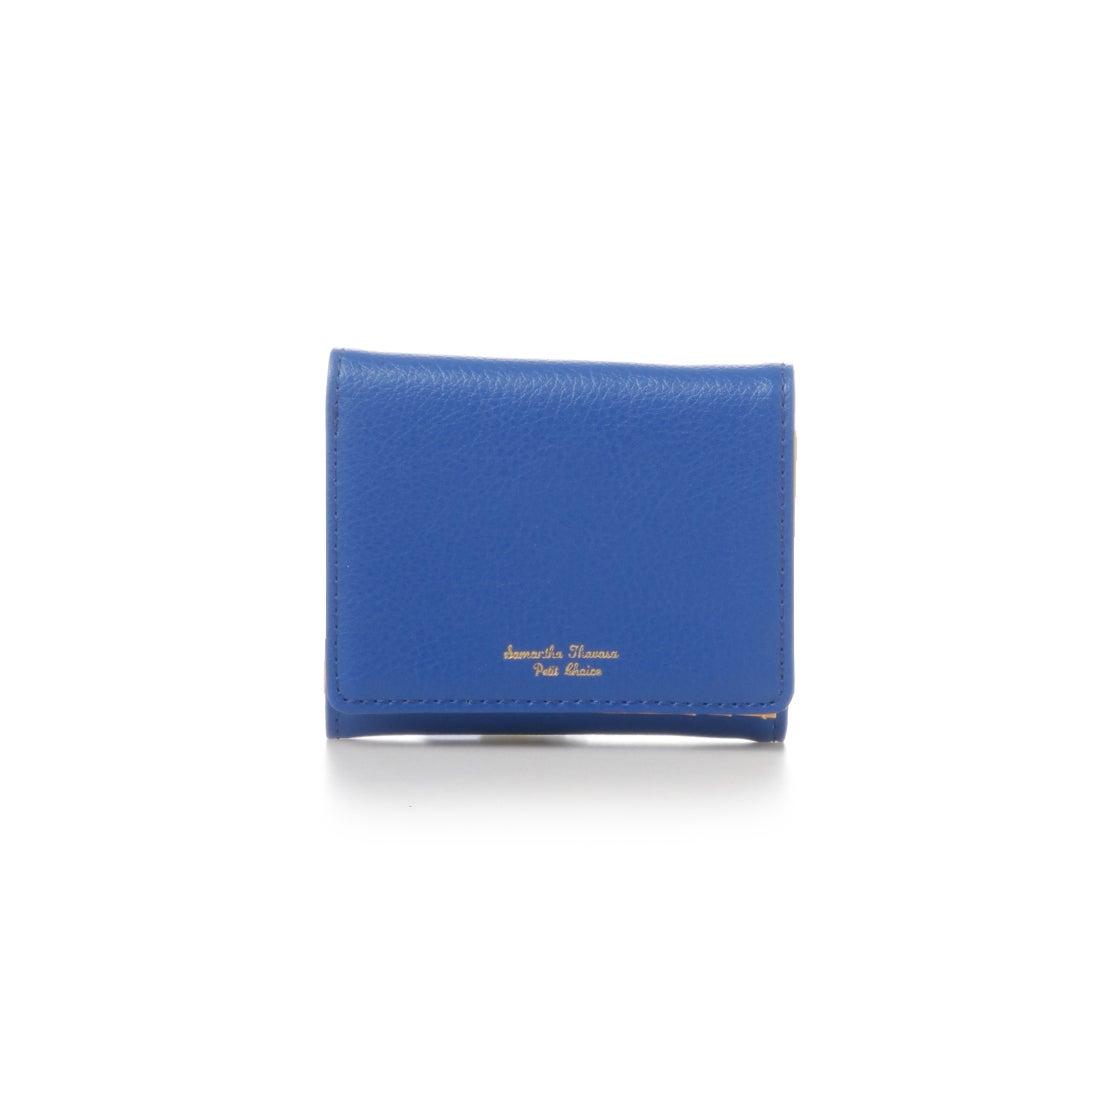 折財布 ミニ財布 サマンサタバサプチチョイス ブルー シュペール